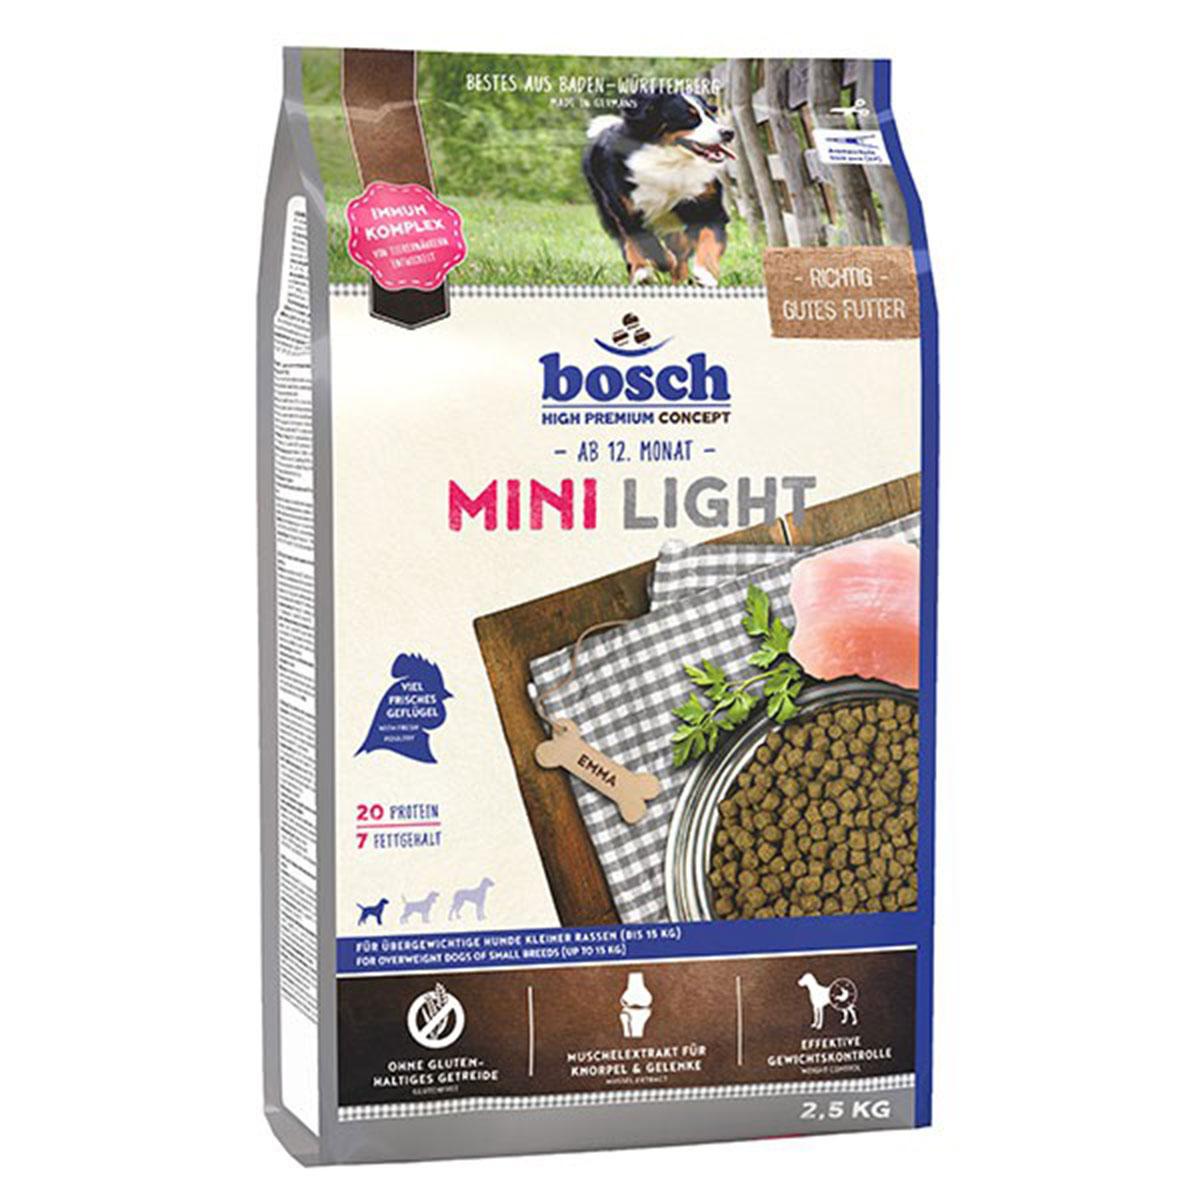 Bosch Hundefutter Mini Light 2,5kg